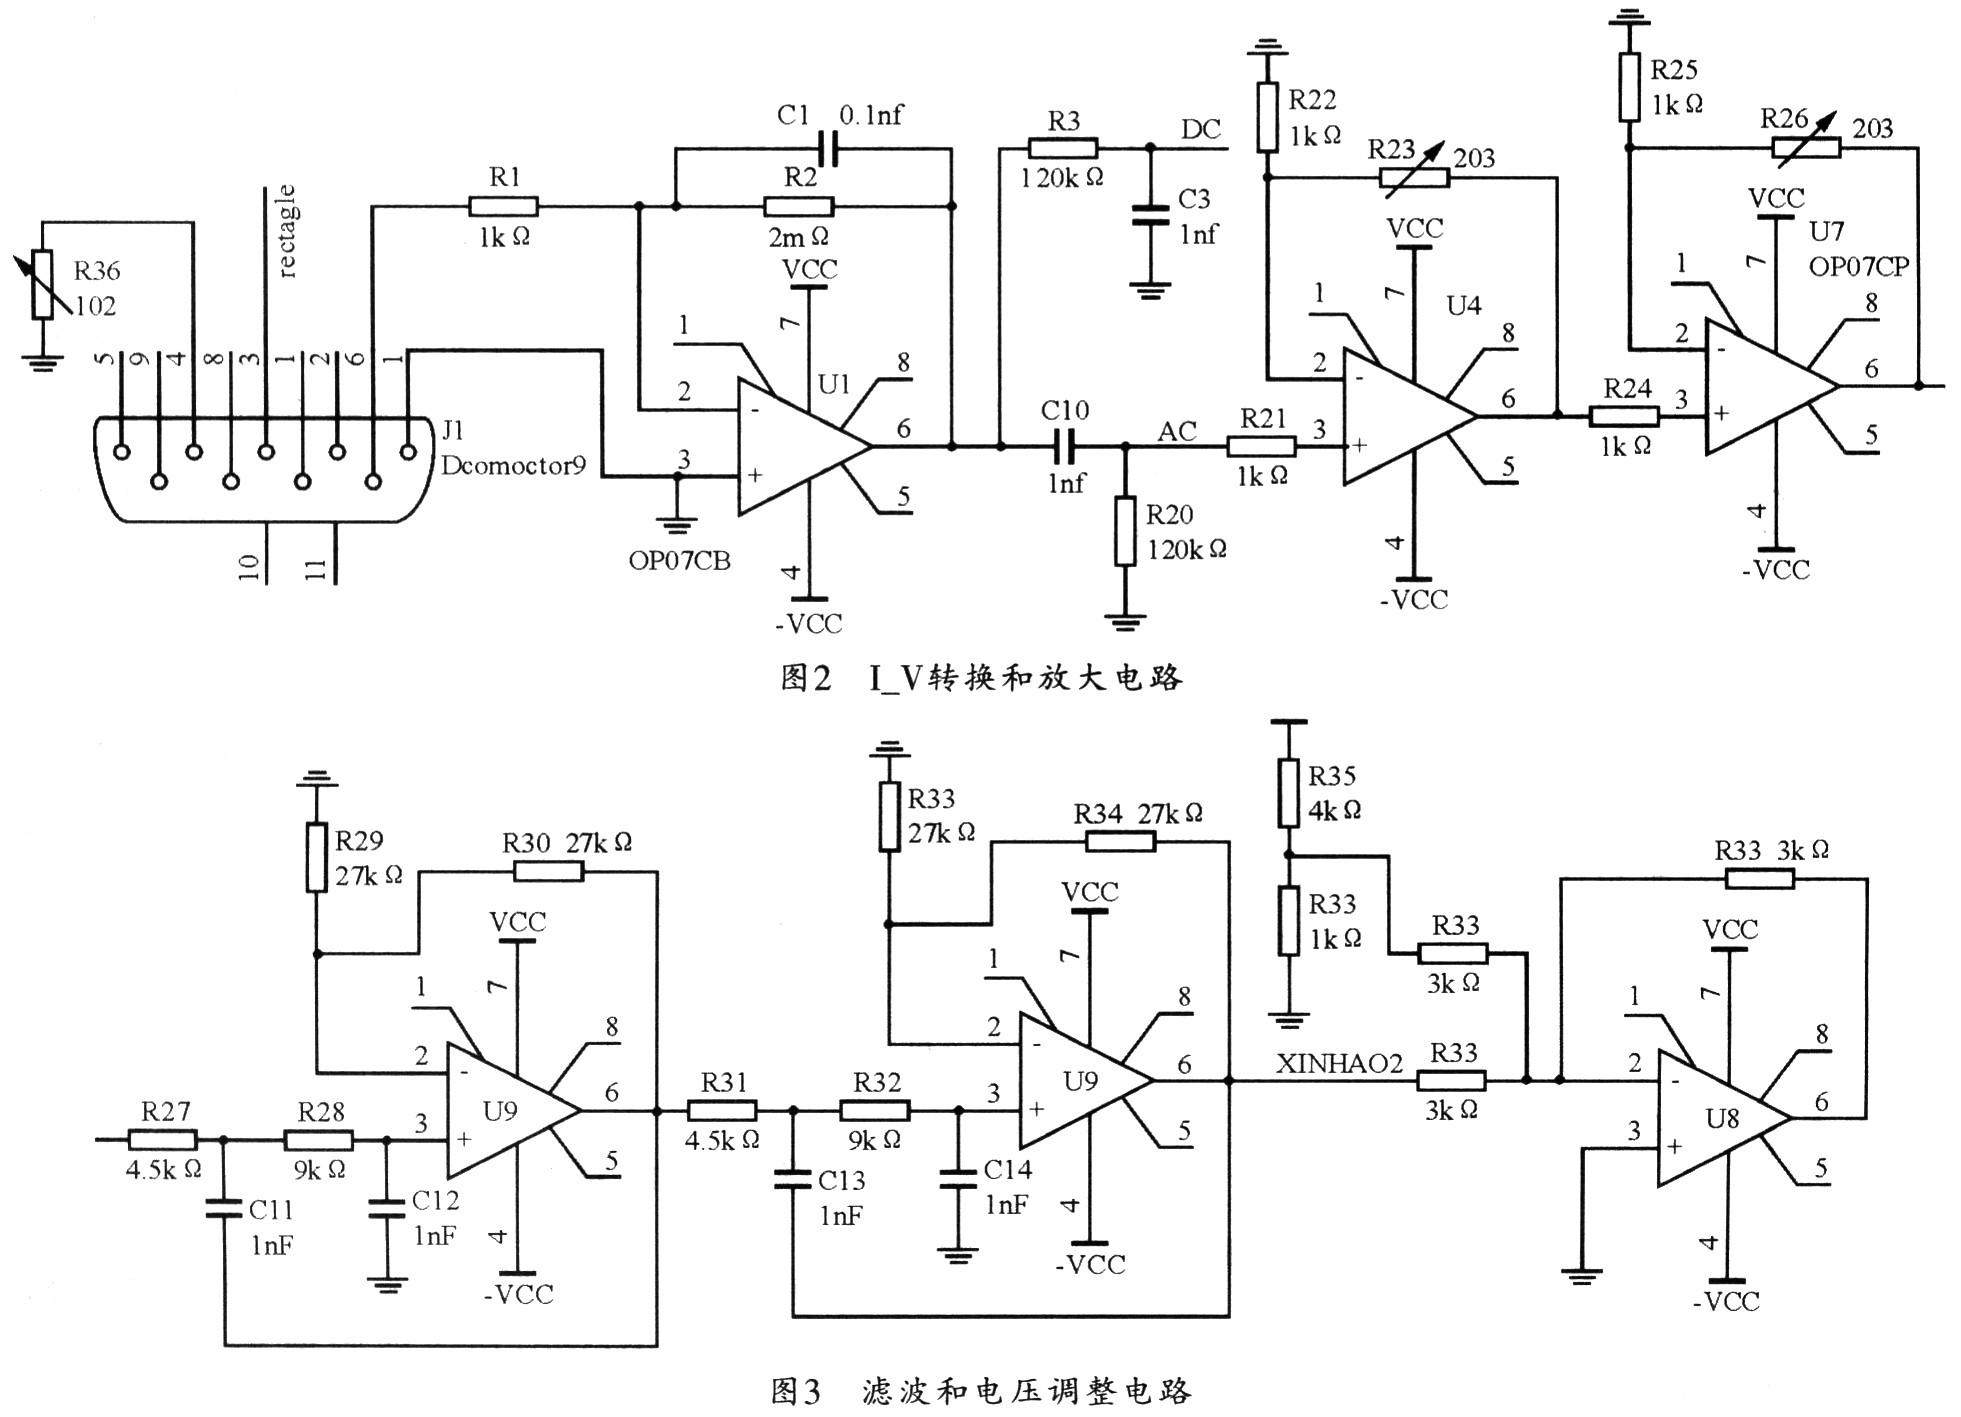 基于msp430f149和nrf905的无线血氧指夹的设计与实现